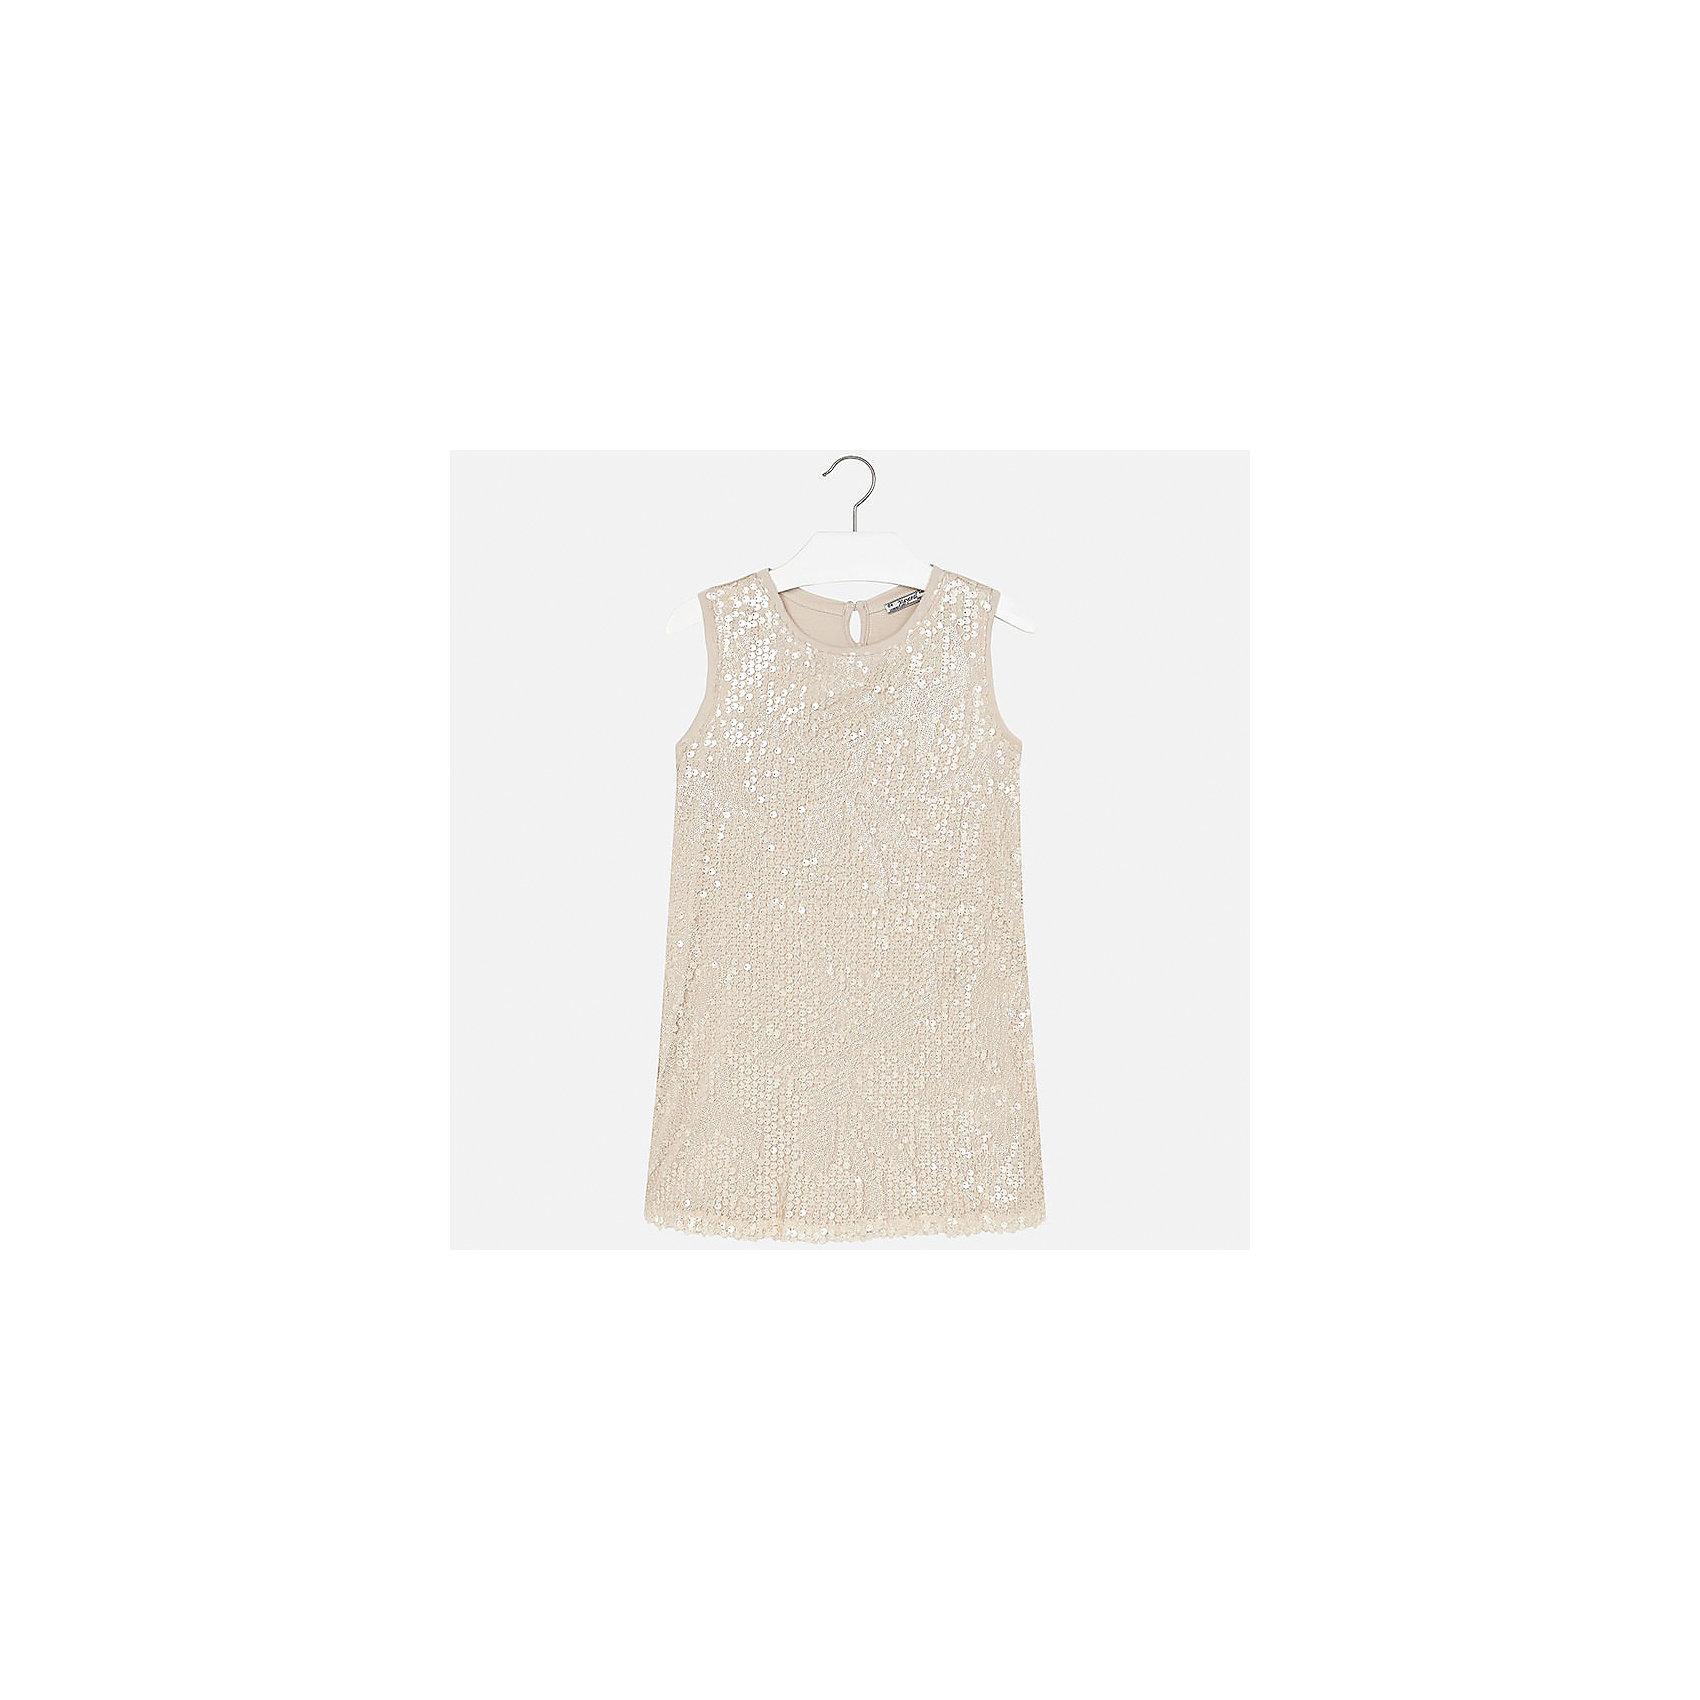 Платье для девочки MayoralОдежда<br>Характеристики товара:<br><br>• цвет: бежевый<br>• состав: 100% полиэстер<br>• застежка: пуговка<br>• легкий материал<br>• плисированная ткань на спине<br>• спереди пайетки<br>• без рукавов<br>• страна бренда: Испания<br><br>Красивое легкое платье для девочки поможет разнообразить гардероб ребенка и создать эффектный наряд. Оно подойдет и для торжественных случаев, может быть и как ежедневный наряд. Красивый оттенок позволяет подобрать к вещи обувь разных расцветок. Платье хорошо сидит по фигуре.<br><br>Одежда, обувь и аксессуары от испанского бренда Mayoral полюбились детям и взрослым по всему миру. Модели этой марки - стильные и удобные. Для их производства используются только безопасные, качественные материалы и фурнитура. Порадуйте ребенка модными и красивыми вещами от Mayoral! <br><br>Платье для девочки от испанского бренда Mayoral (Майорал) можно купить в нашем интернет-магазине.<br><br>Ширина мм: 236<br>Глубина мм: 16<br>Высота мм: 184<br>Вес г: 177<br>Цвет: бежевый<br>Возраст от месяцев: 108<br>Возраст до месяцев: 120<br>Пол: Женский<br>Возраст: Детский<br>Размер: 140,164,128/134,152,158<br>SKU: 5293219